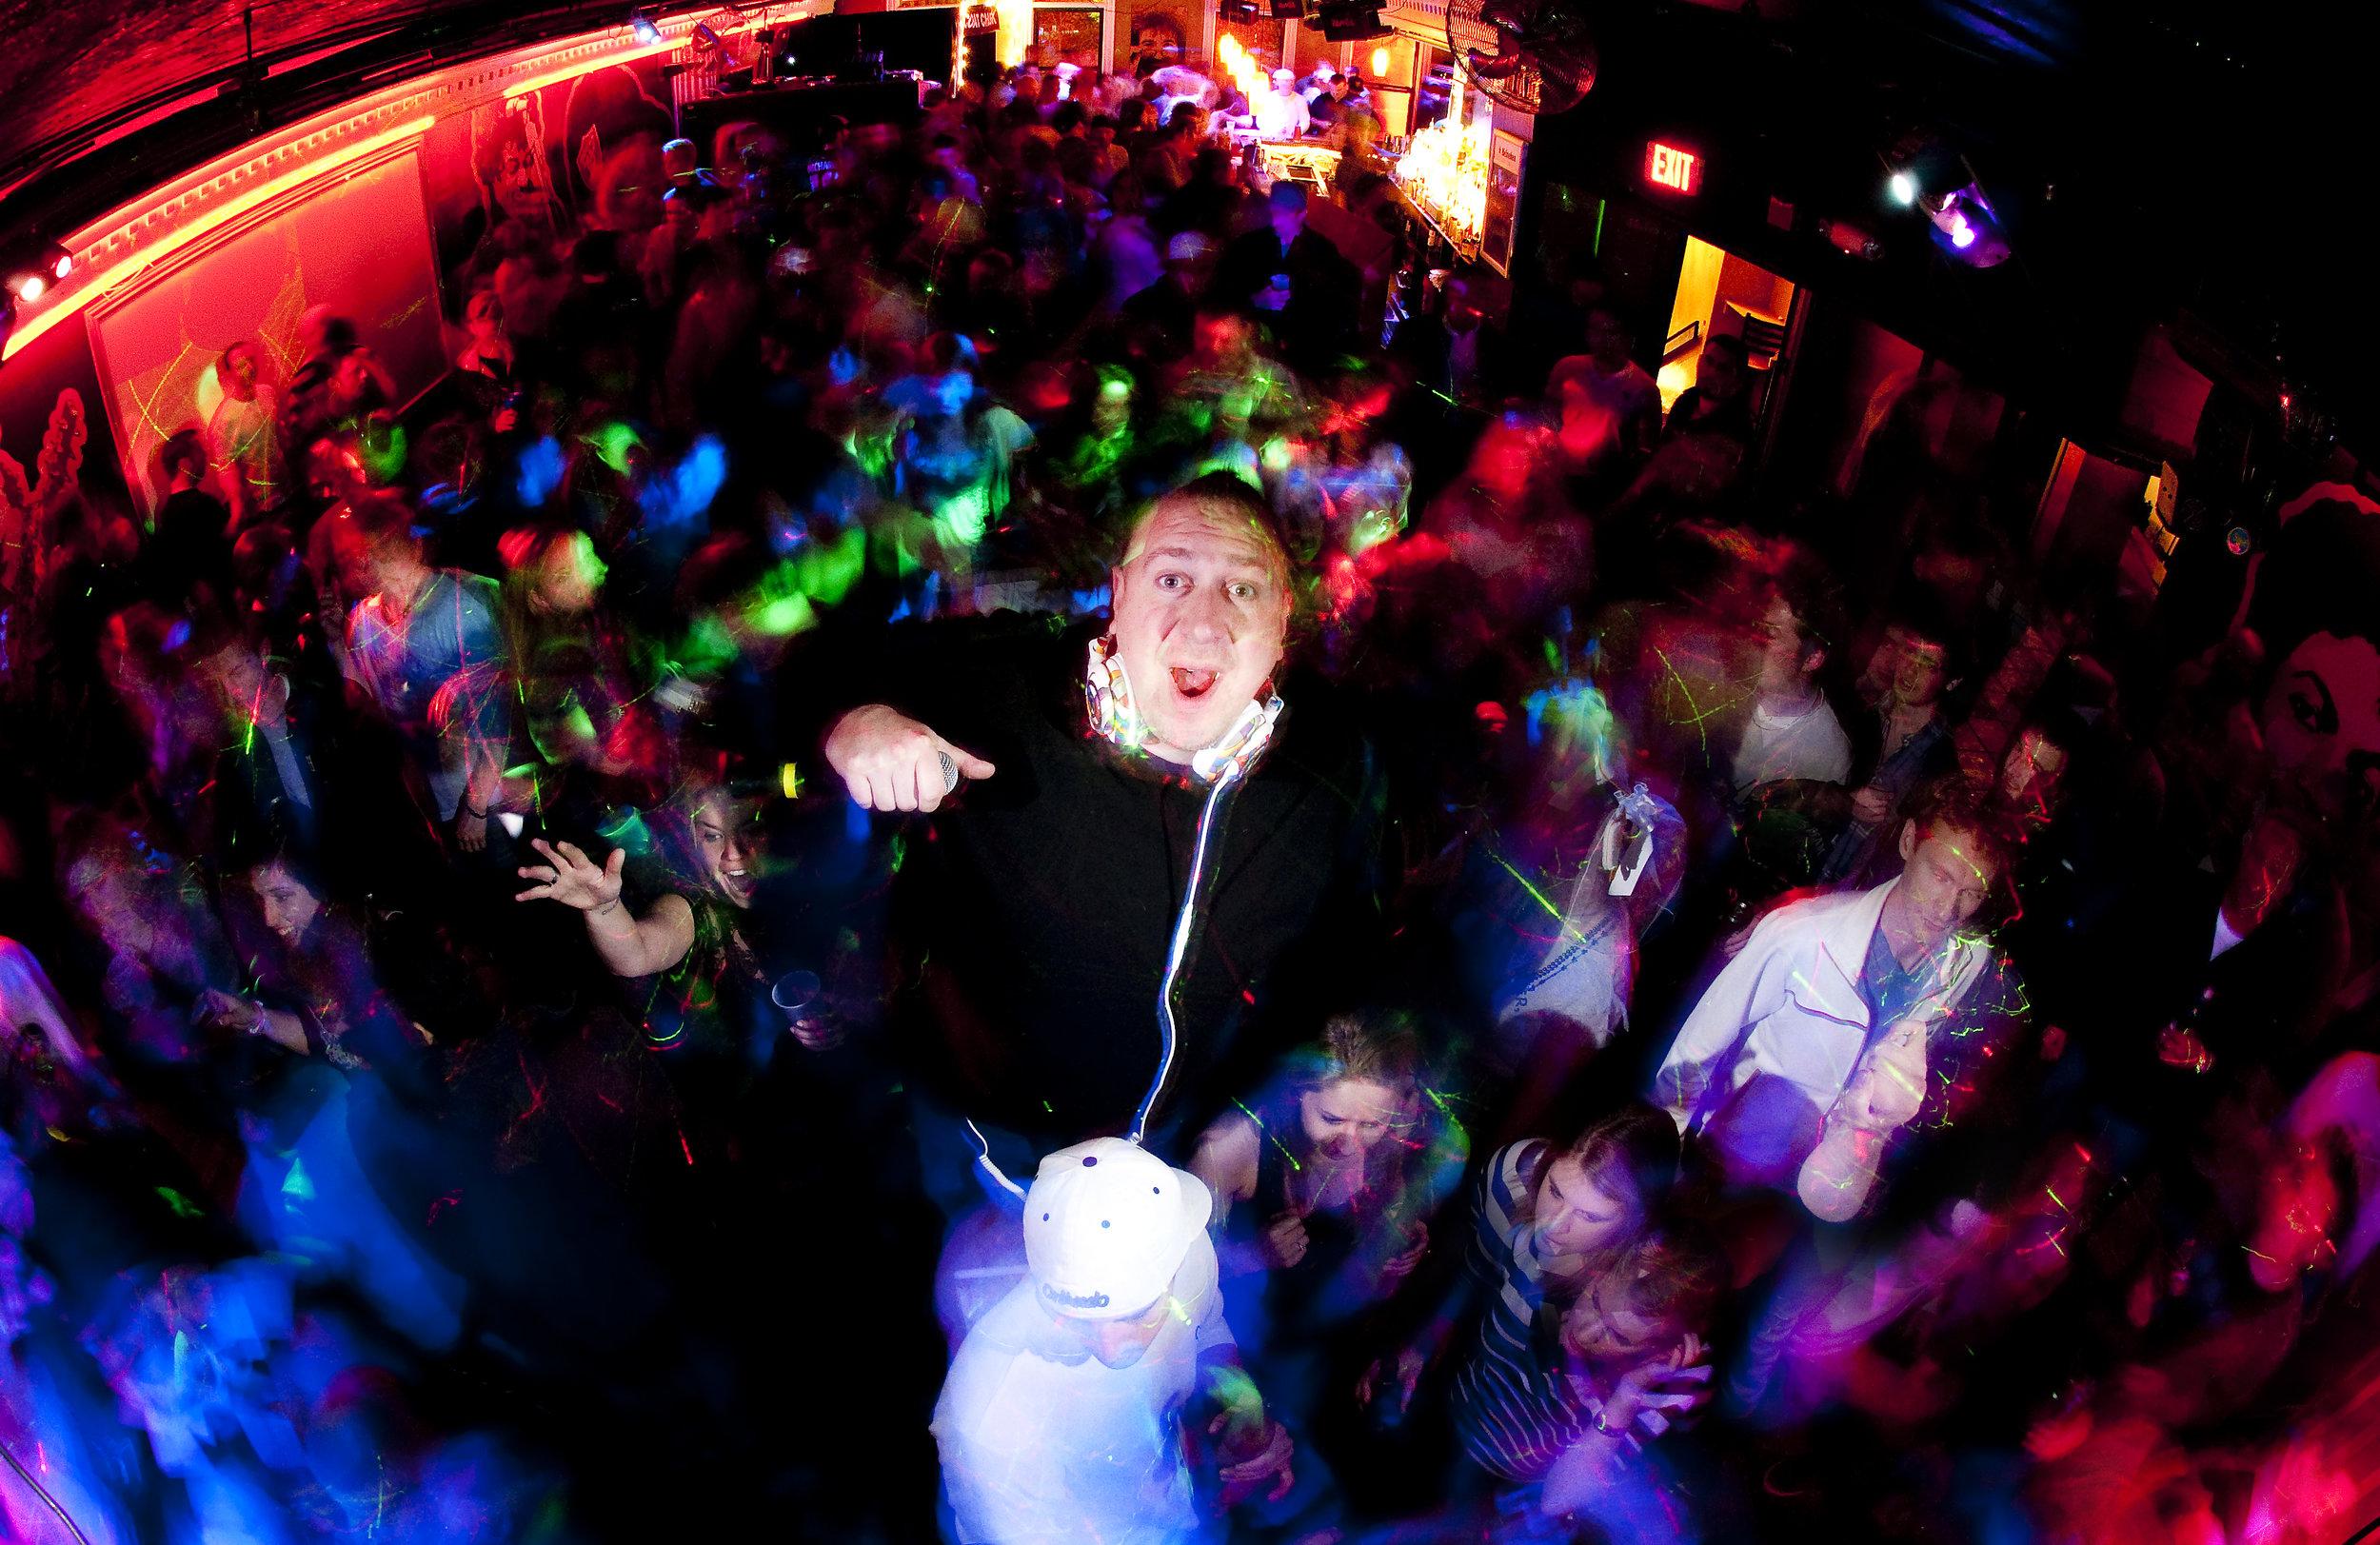 DJ Fattie B